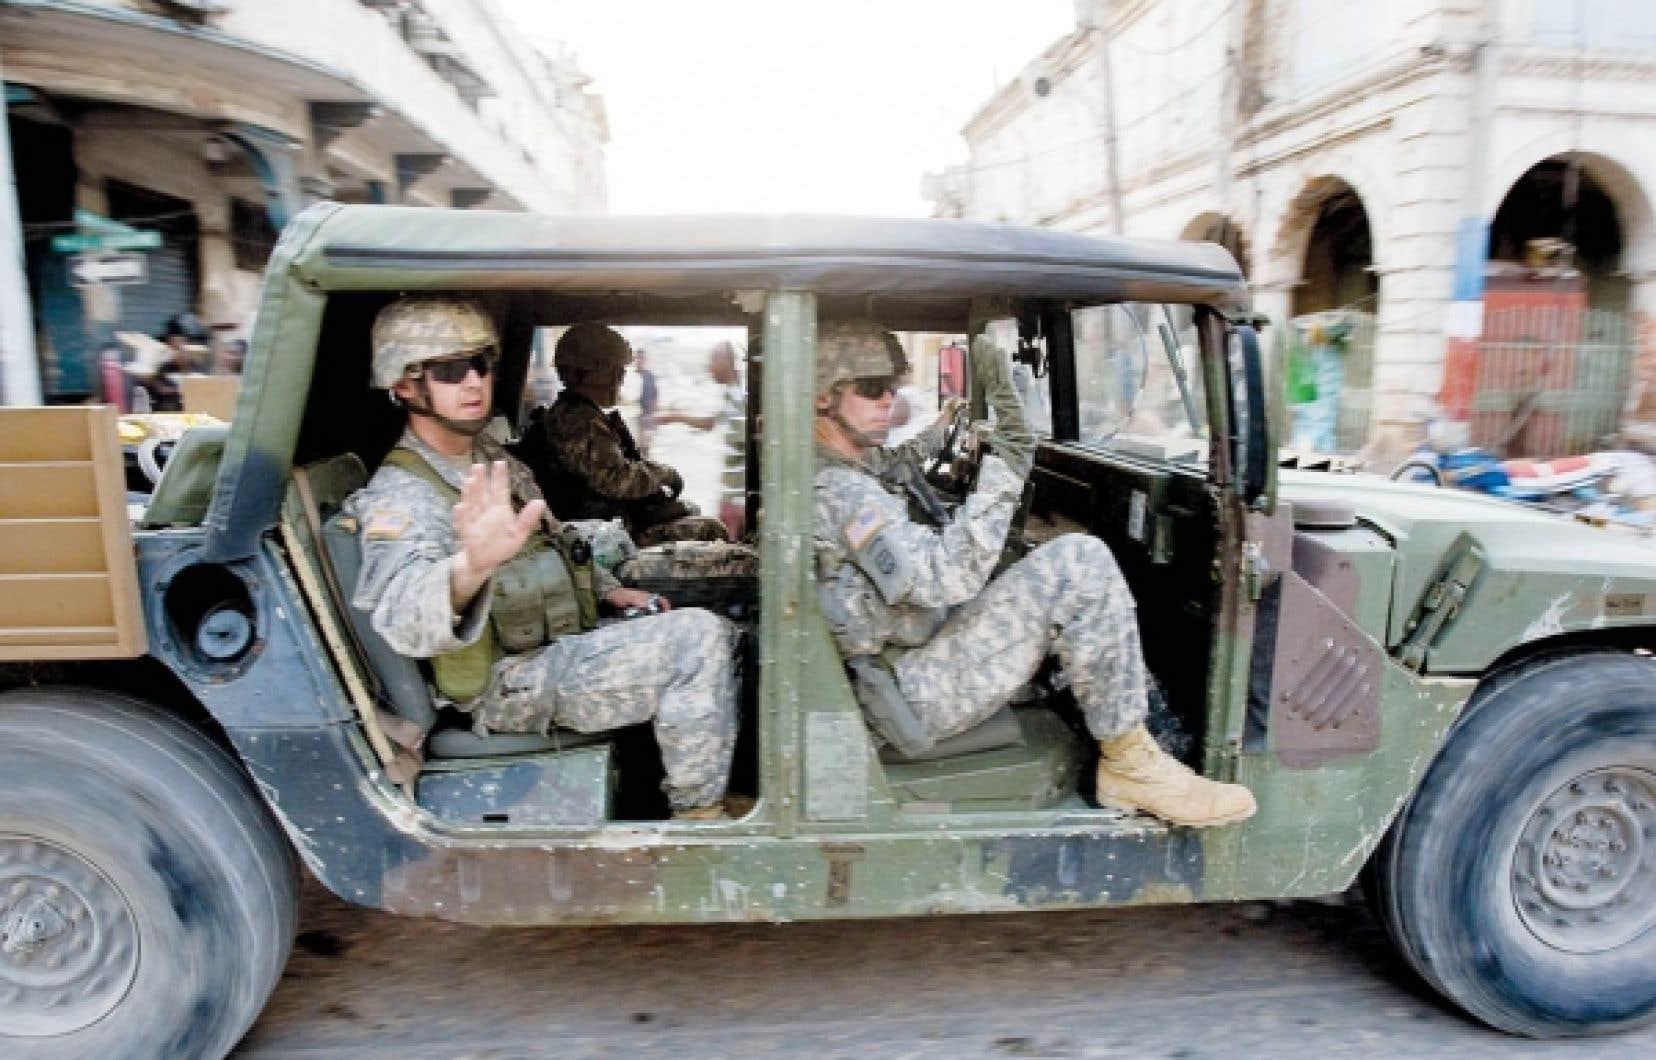 Les militaires étasuniens sont les plus gros consommateurs uniques de pétrole dans le monde. En 2008, ils ont achetéa pour 16 milliards de dollars de produits pétroliers.